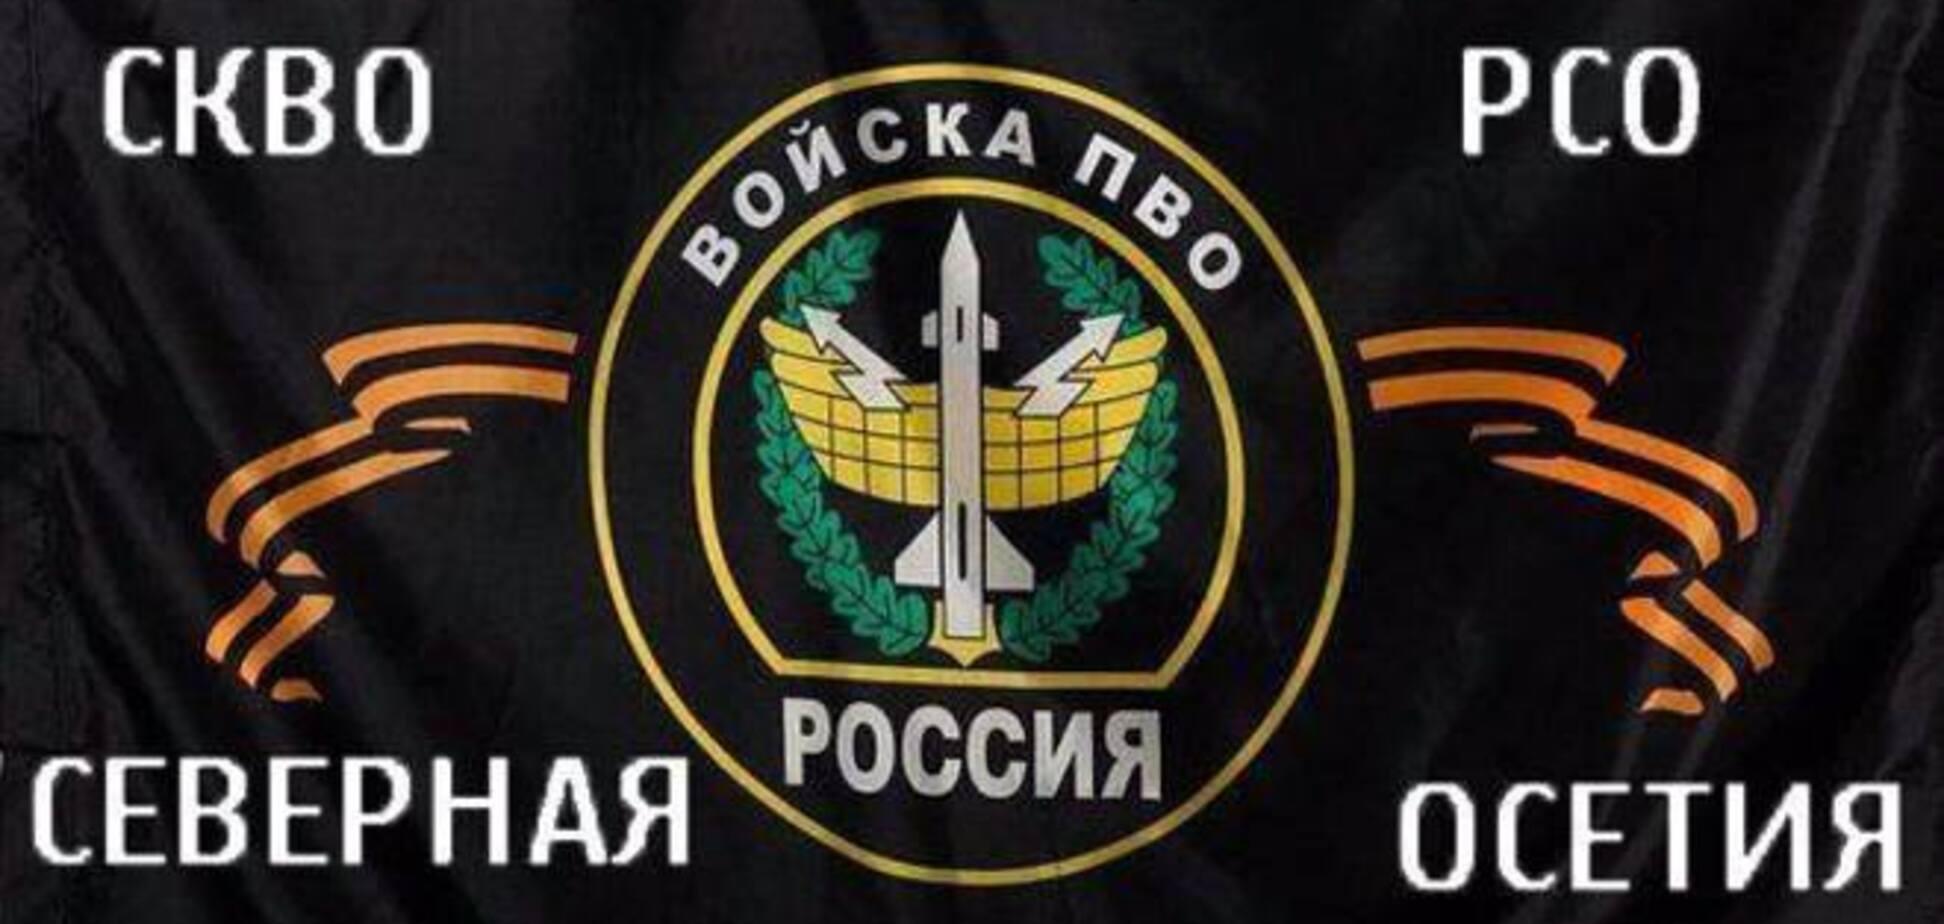 В истории со сбитым Boeing-777 появился след российских зенитчиков